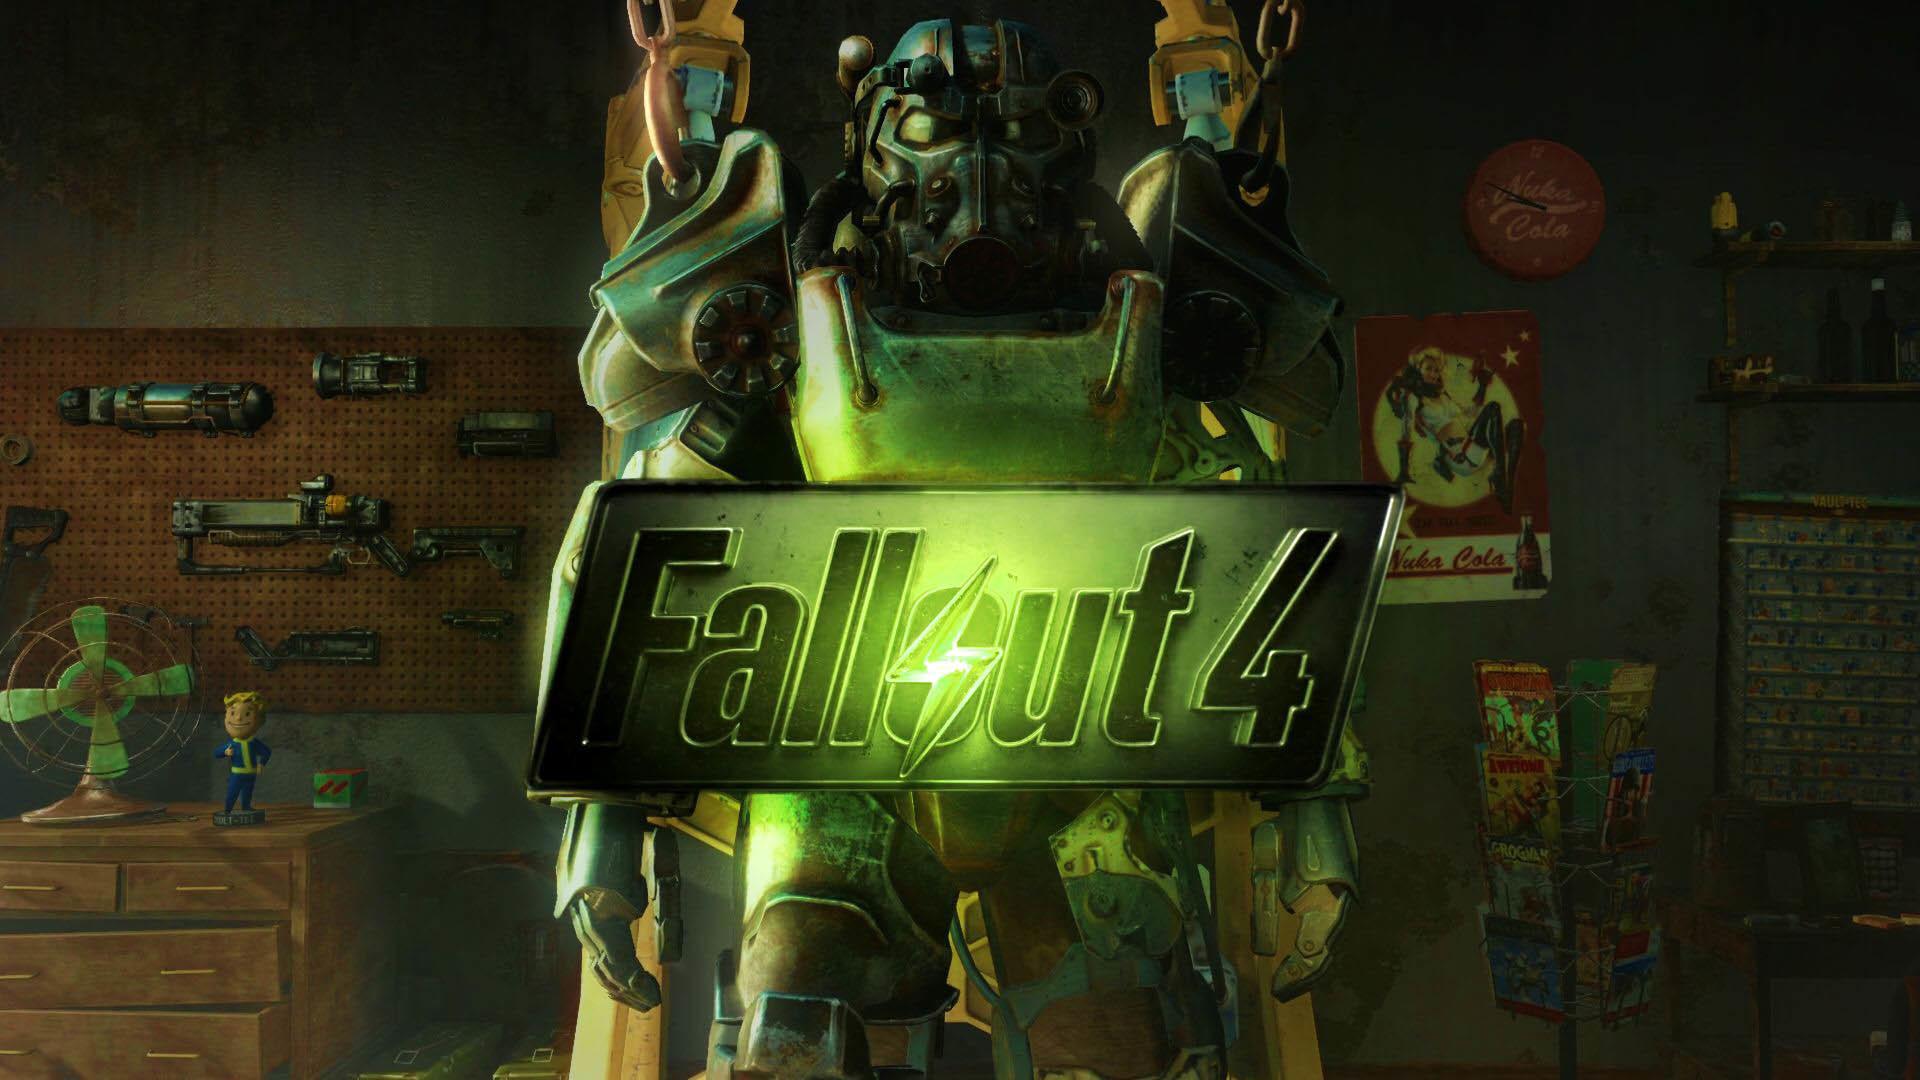 Fallout 4 Logo & Armor wallpaper